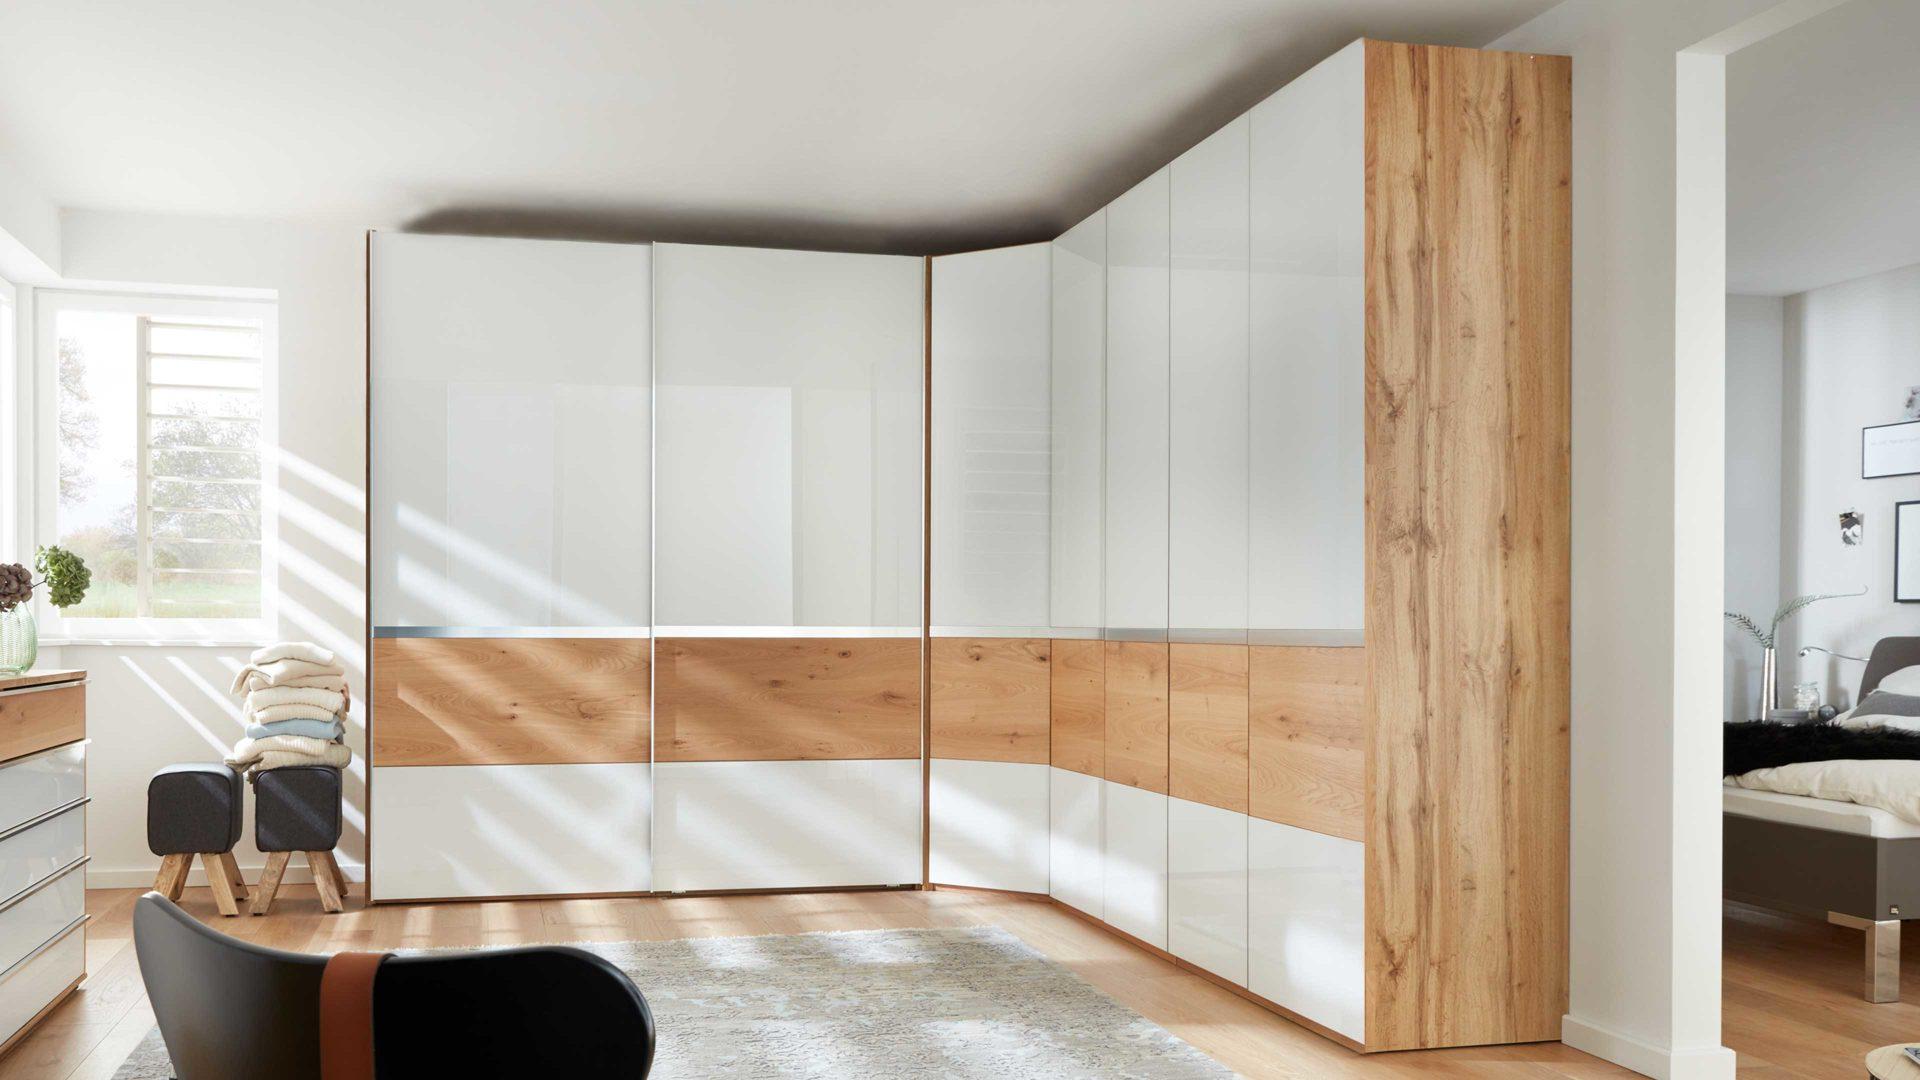 Interliving Schlafzimmer Serie 12 – Eckschrankkombination, teilmassive  Balkeneiche & weißes Glas – dreiteilig